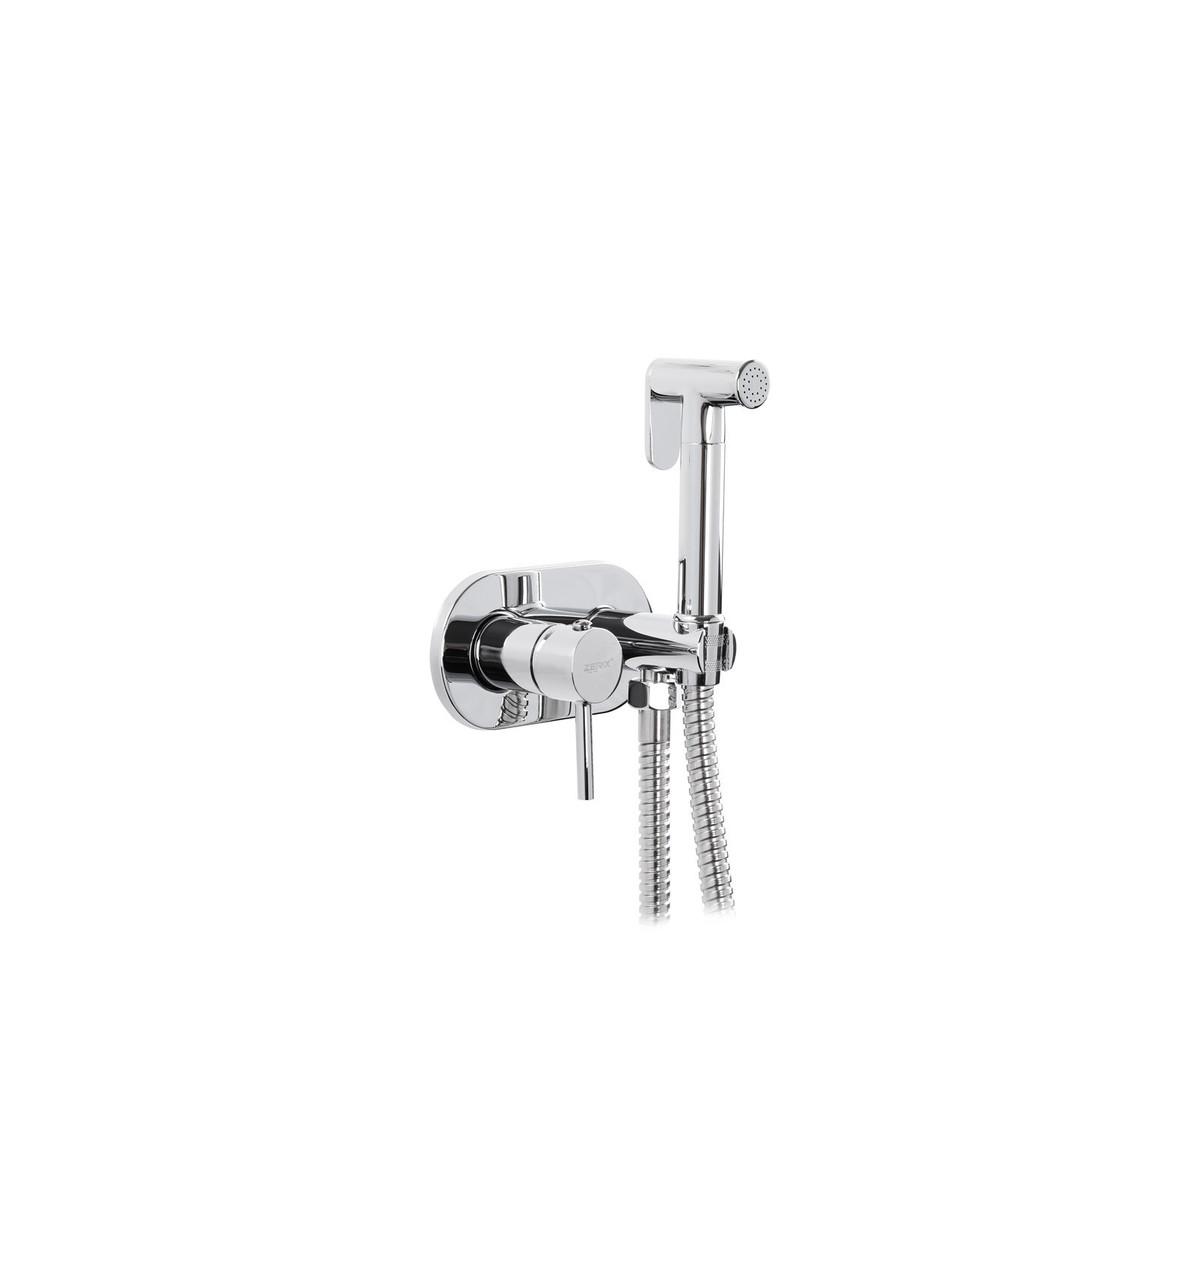 Встраиваемый смеситель для гигиенического  душа с лейкой ZX LR5398-5